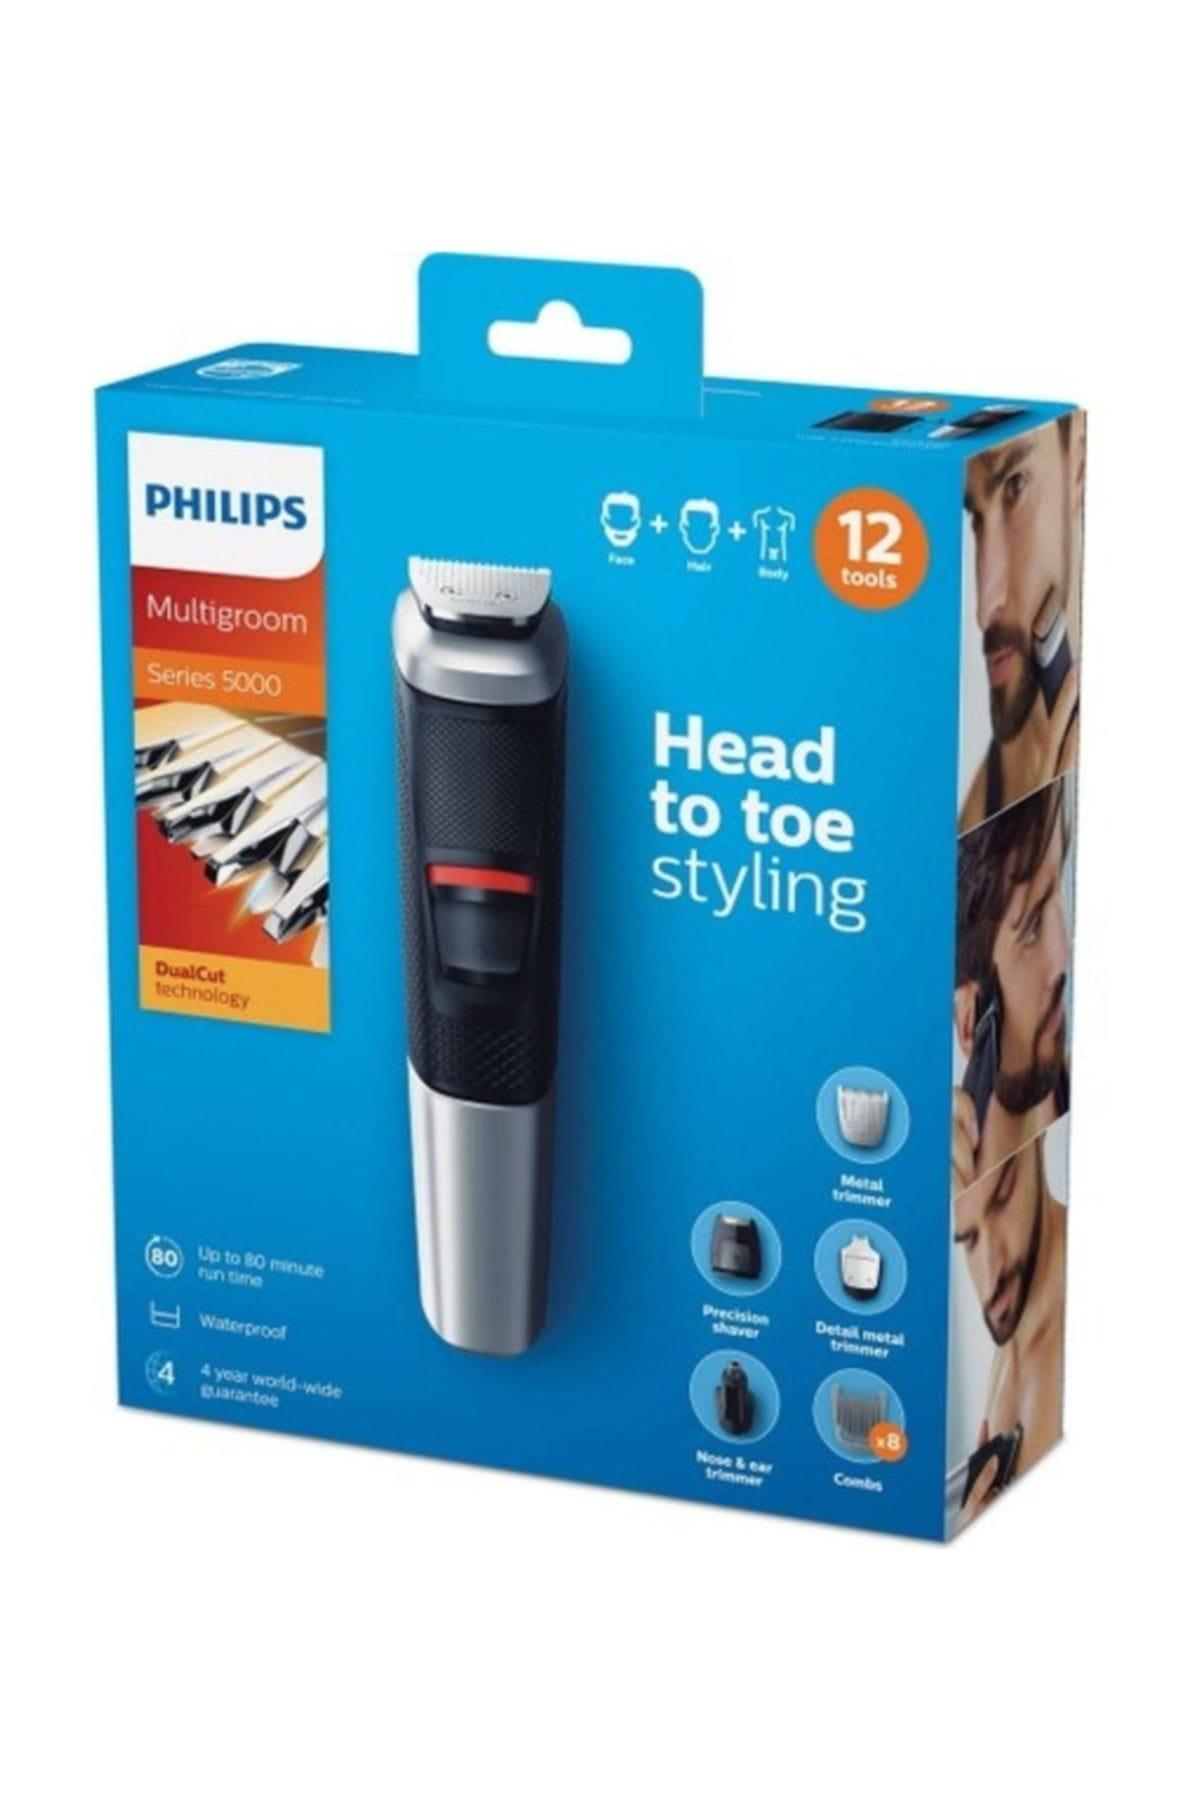 Philips 5000 Serisi MG5740/15 12 in 1 Erkek Bakım Kiti Multigroom Tıraş Makinesi Bakım Seti 2